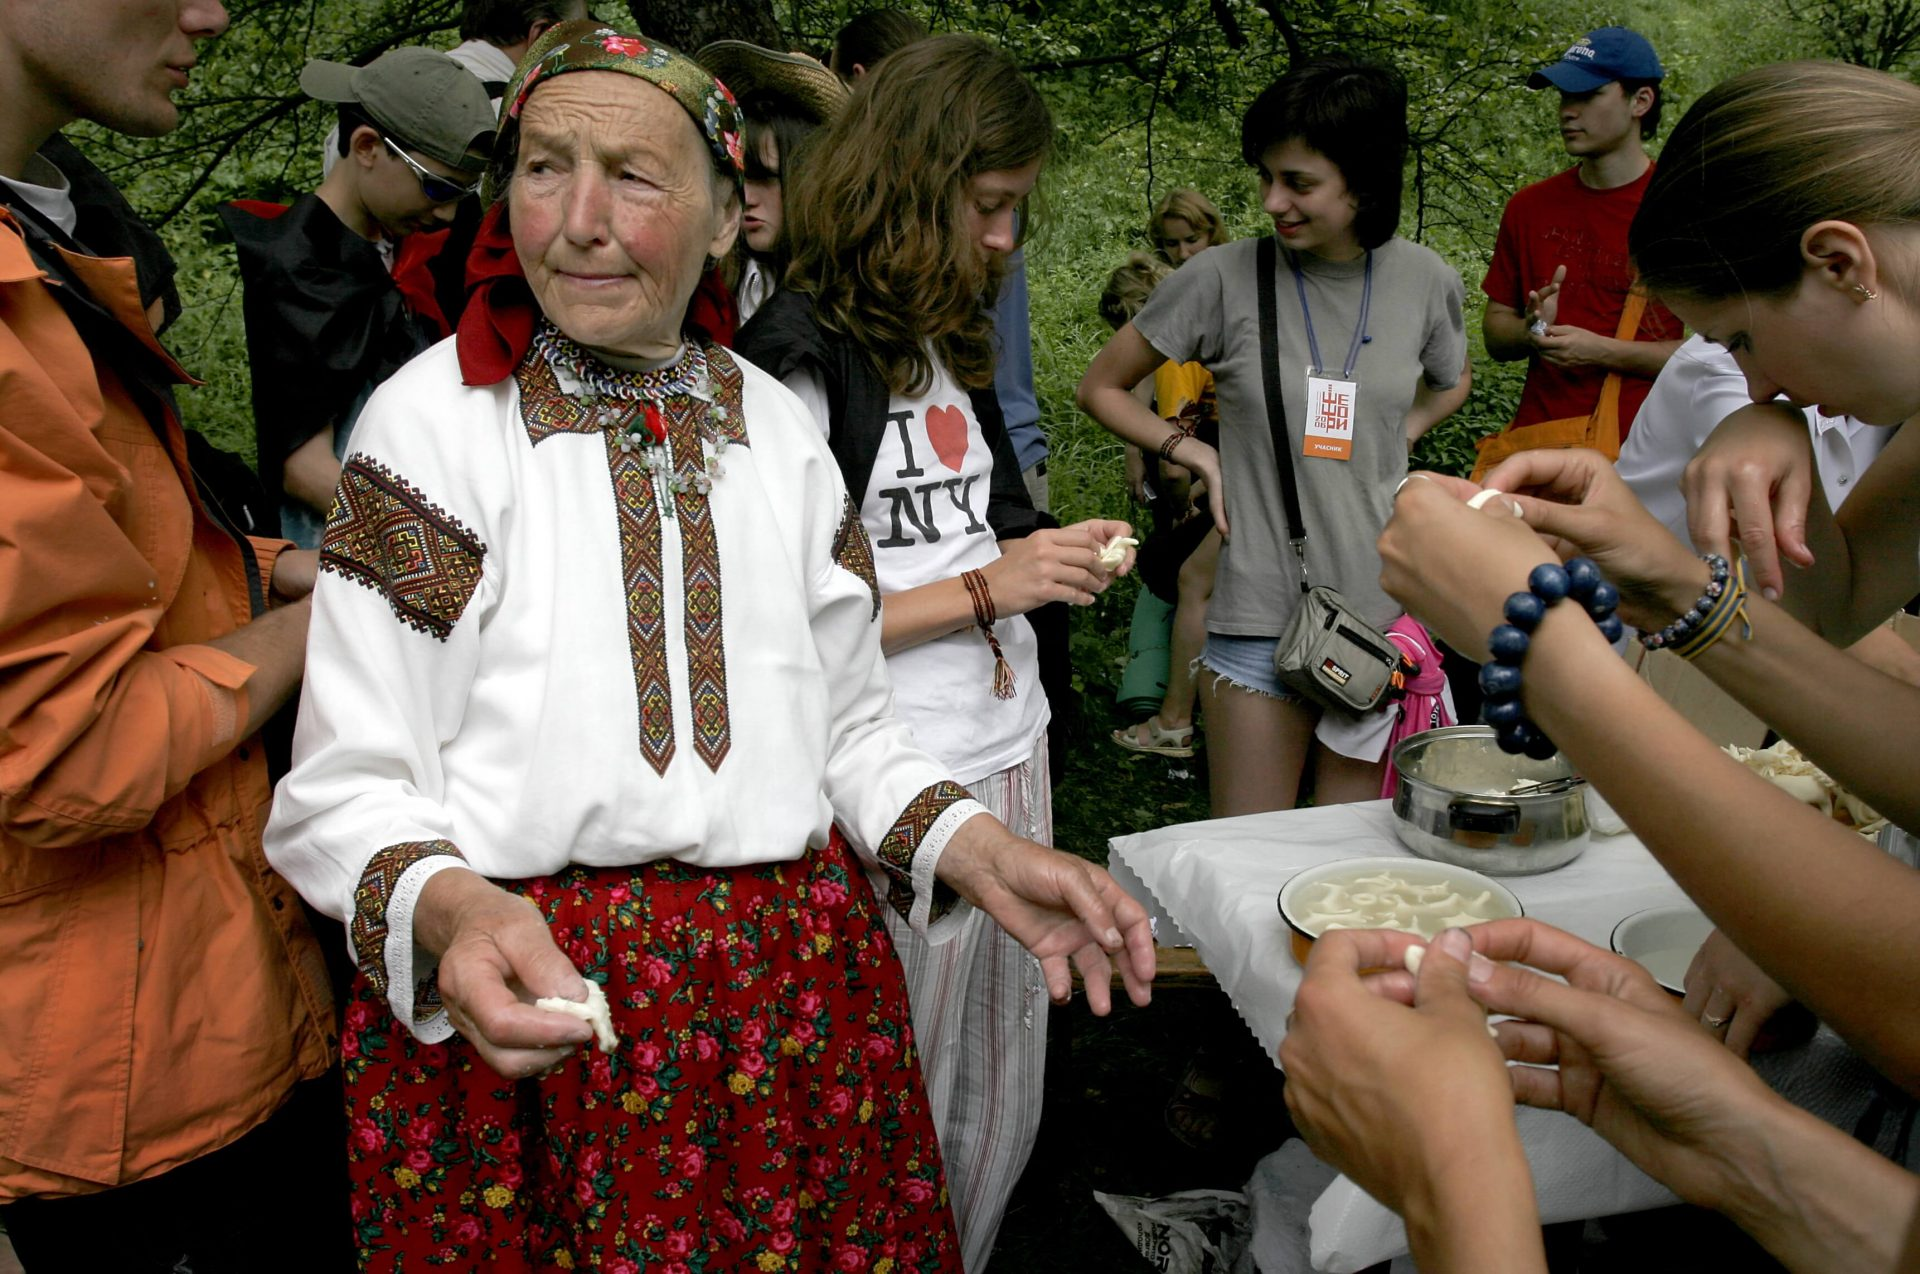 Майстриня в народному строї проводить майстер-клас із ліпки фігурок з тіста, навколо неї учасники фестивалю в Шешорах